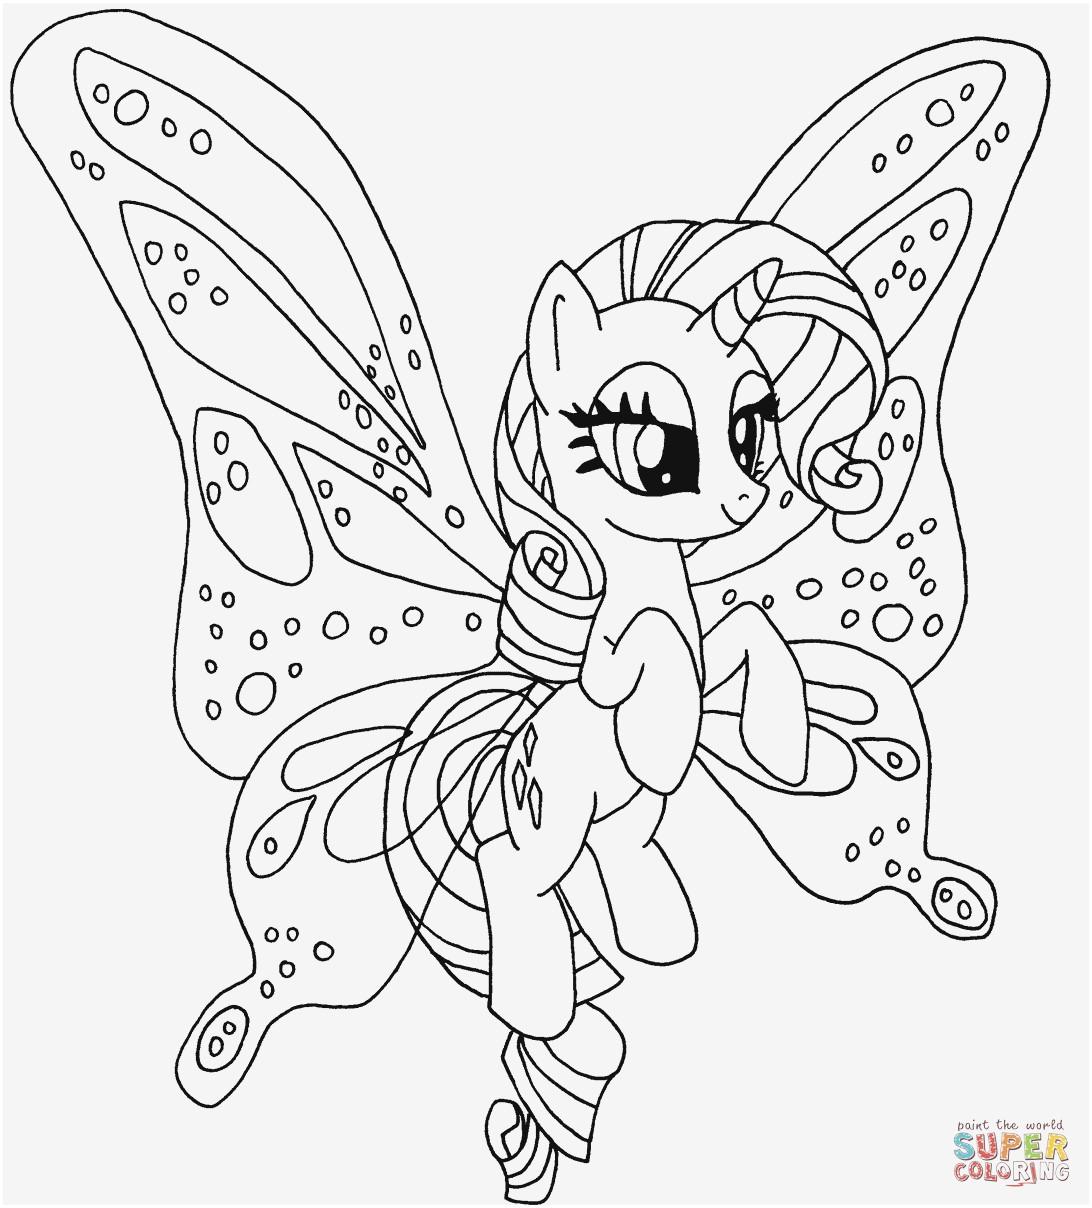 ausmalbilder emojis unicorn genial 35 fantastisch unicorn